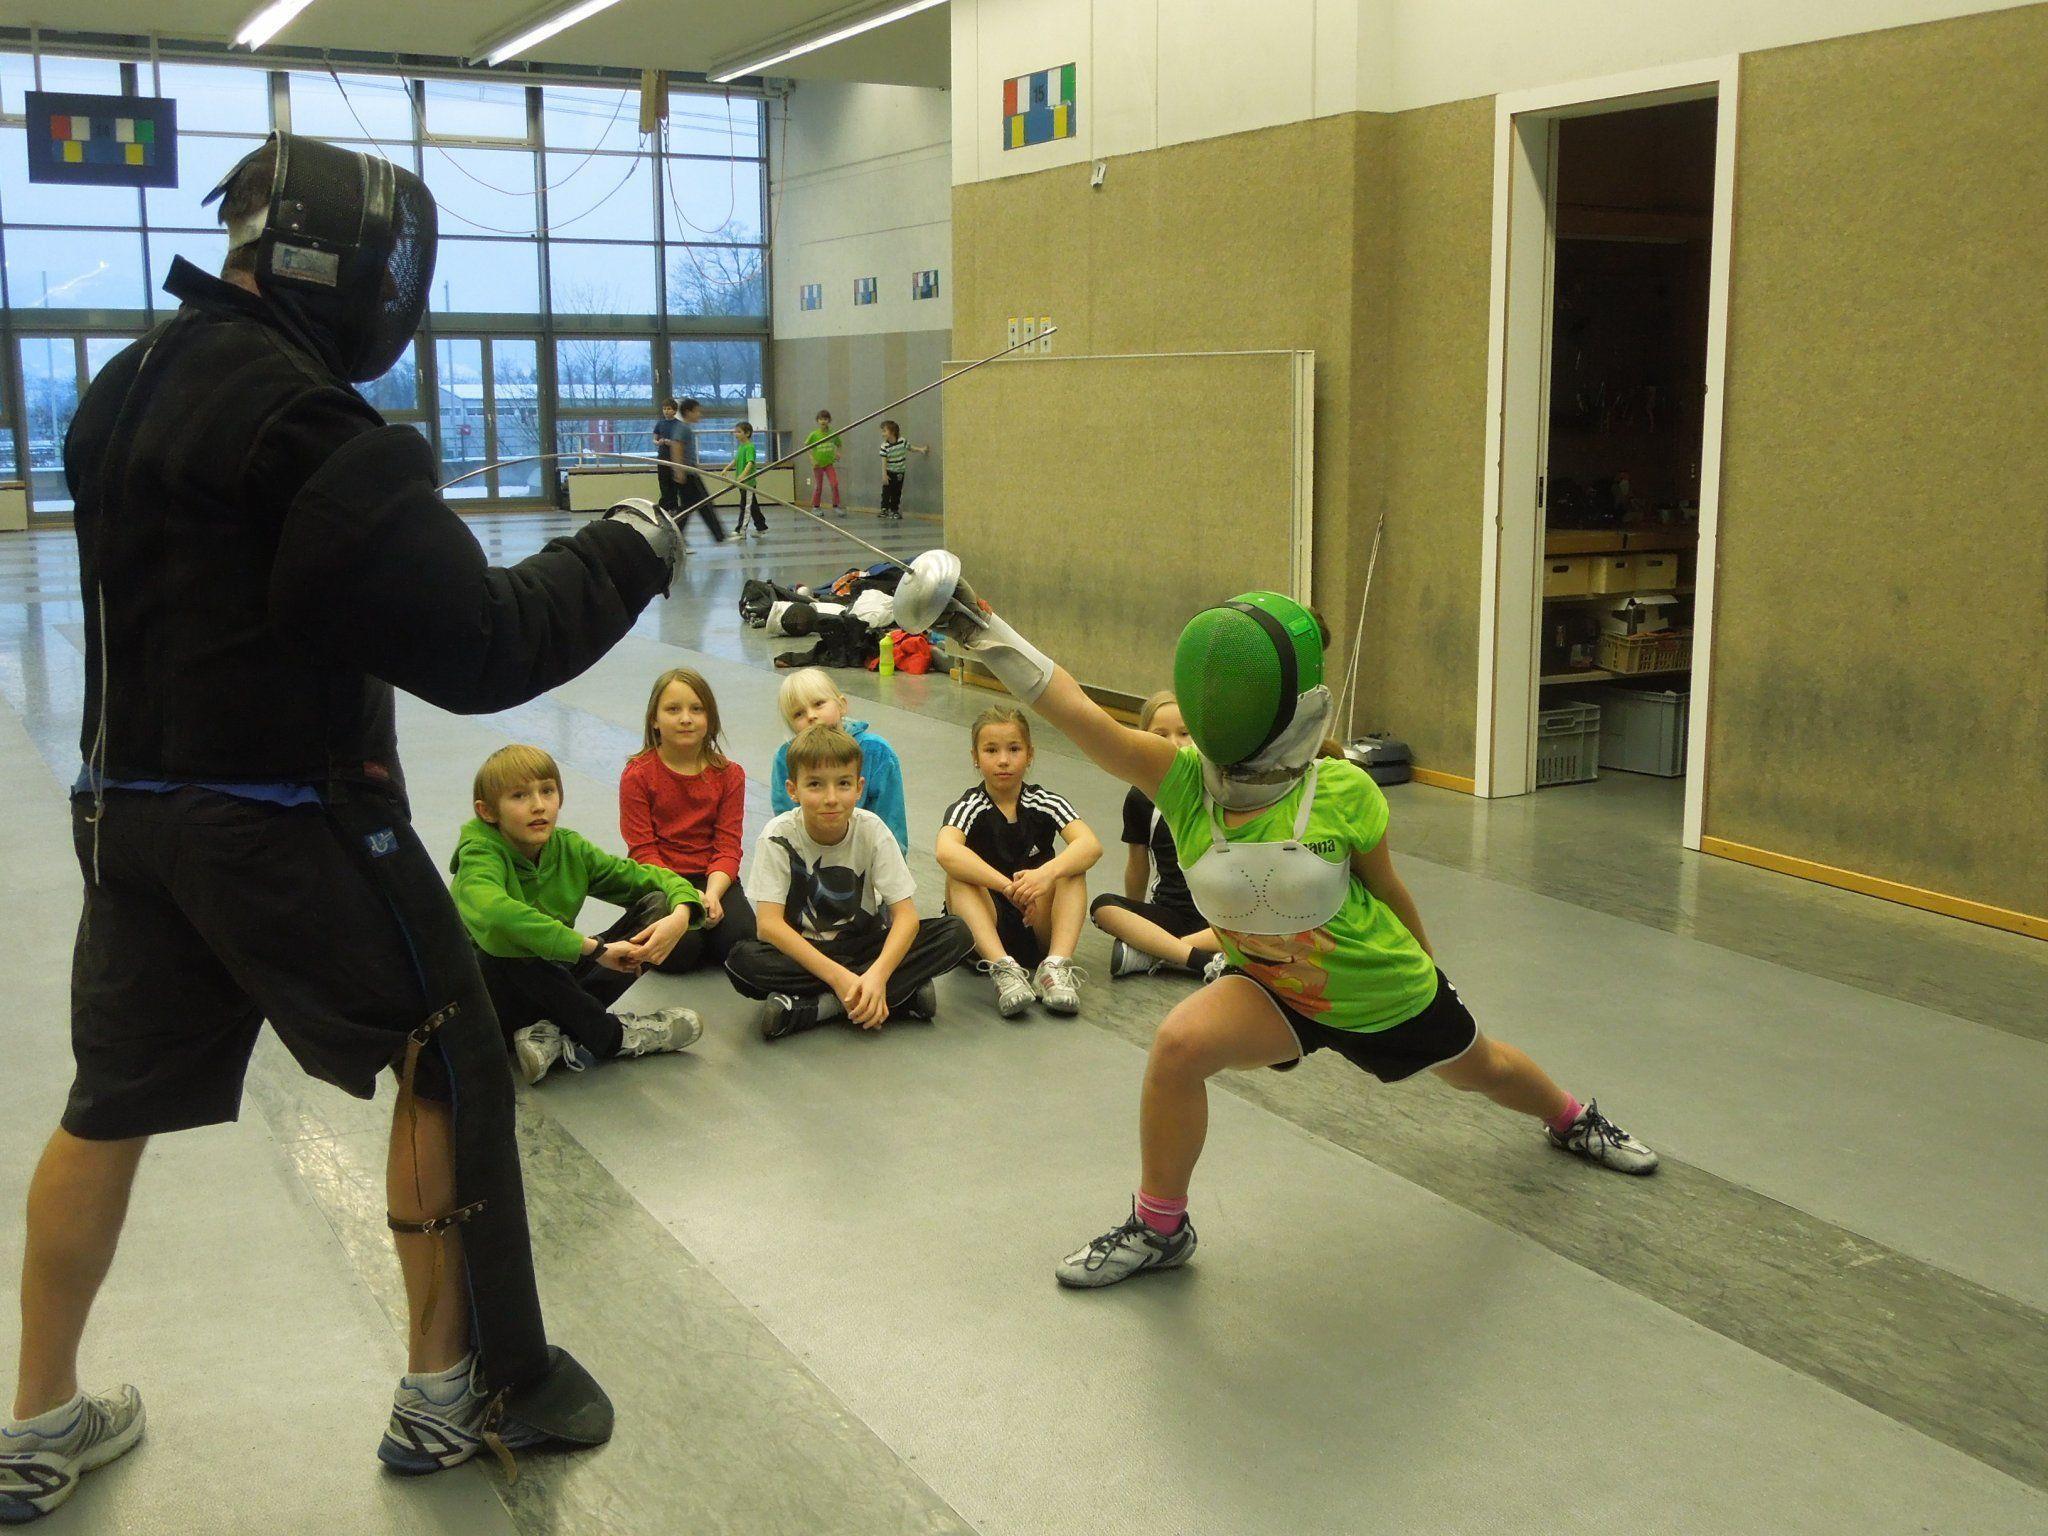 In der Messehalle 7 finden die Fechter optimale Trainingsbedingungen vor.